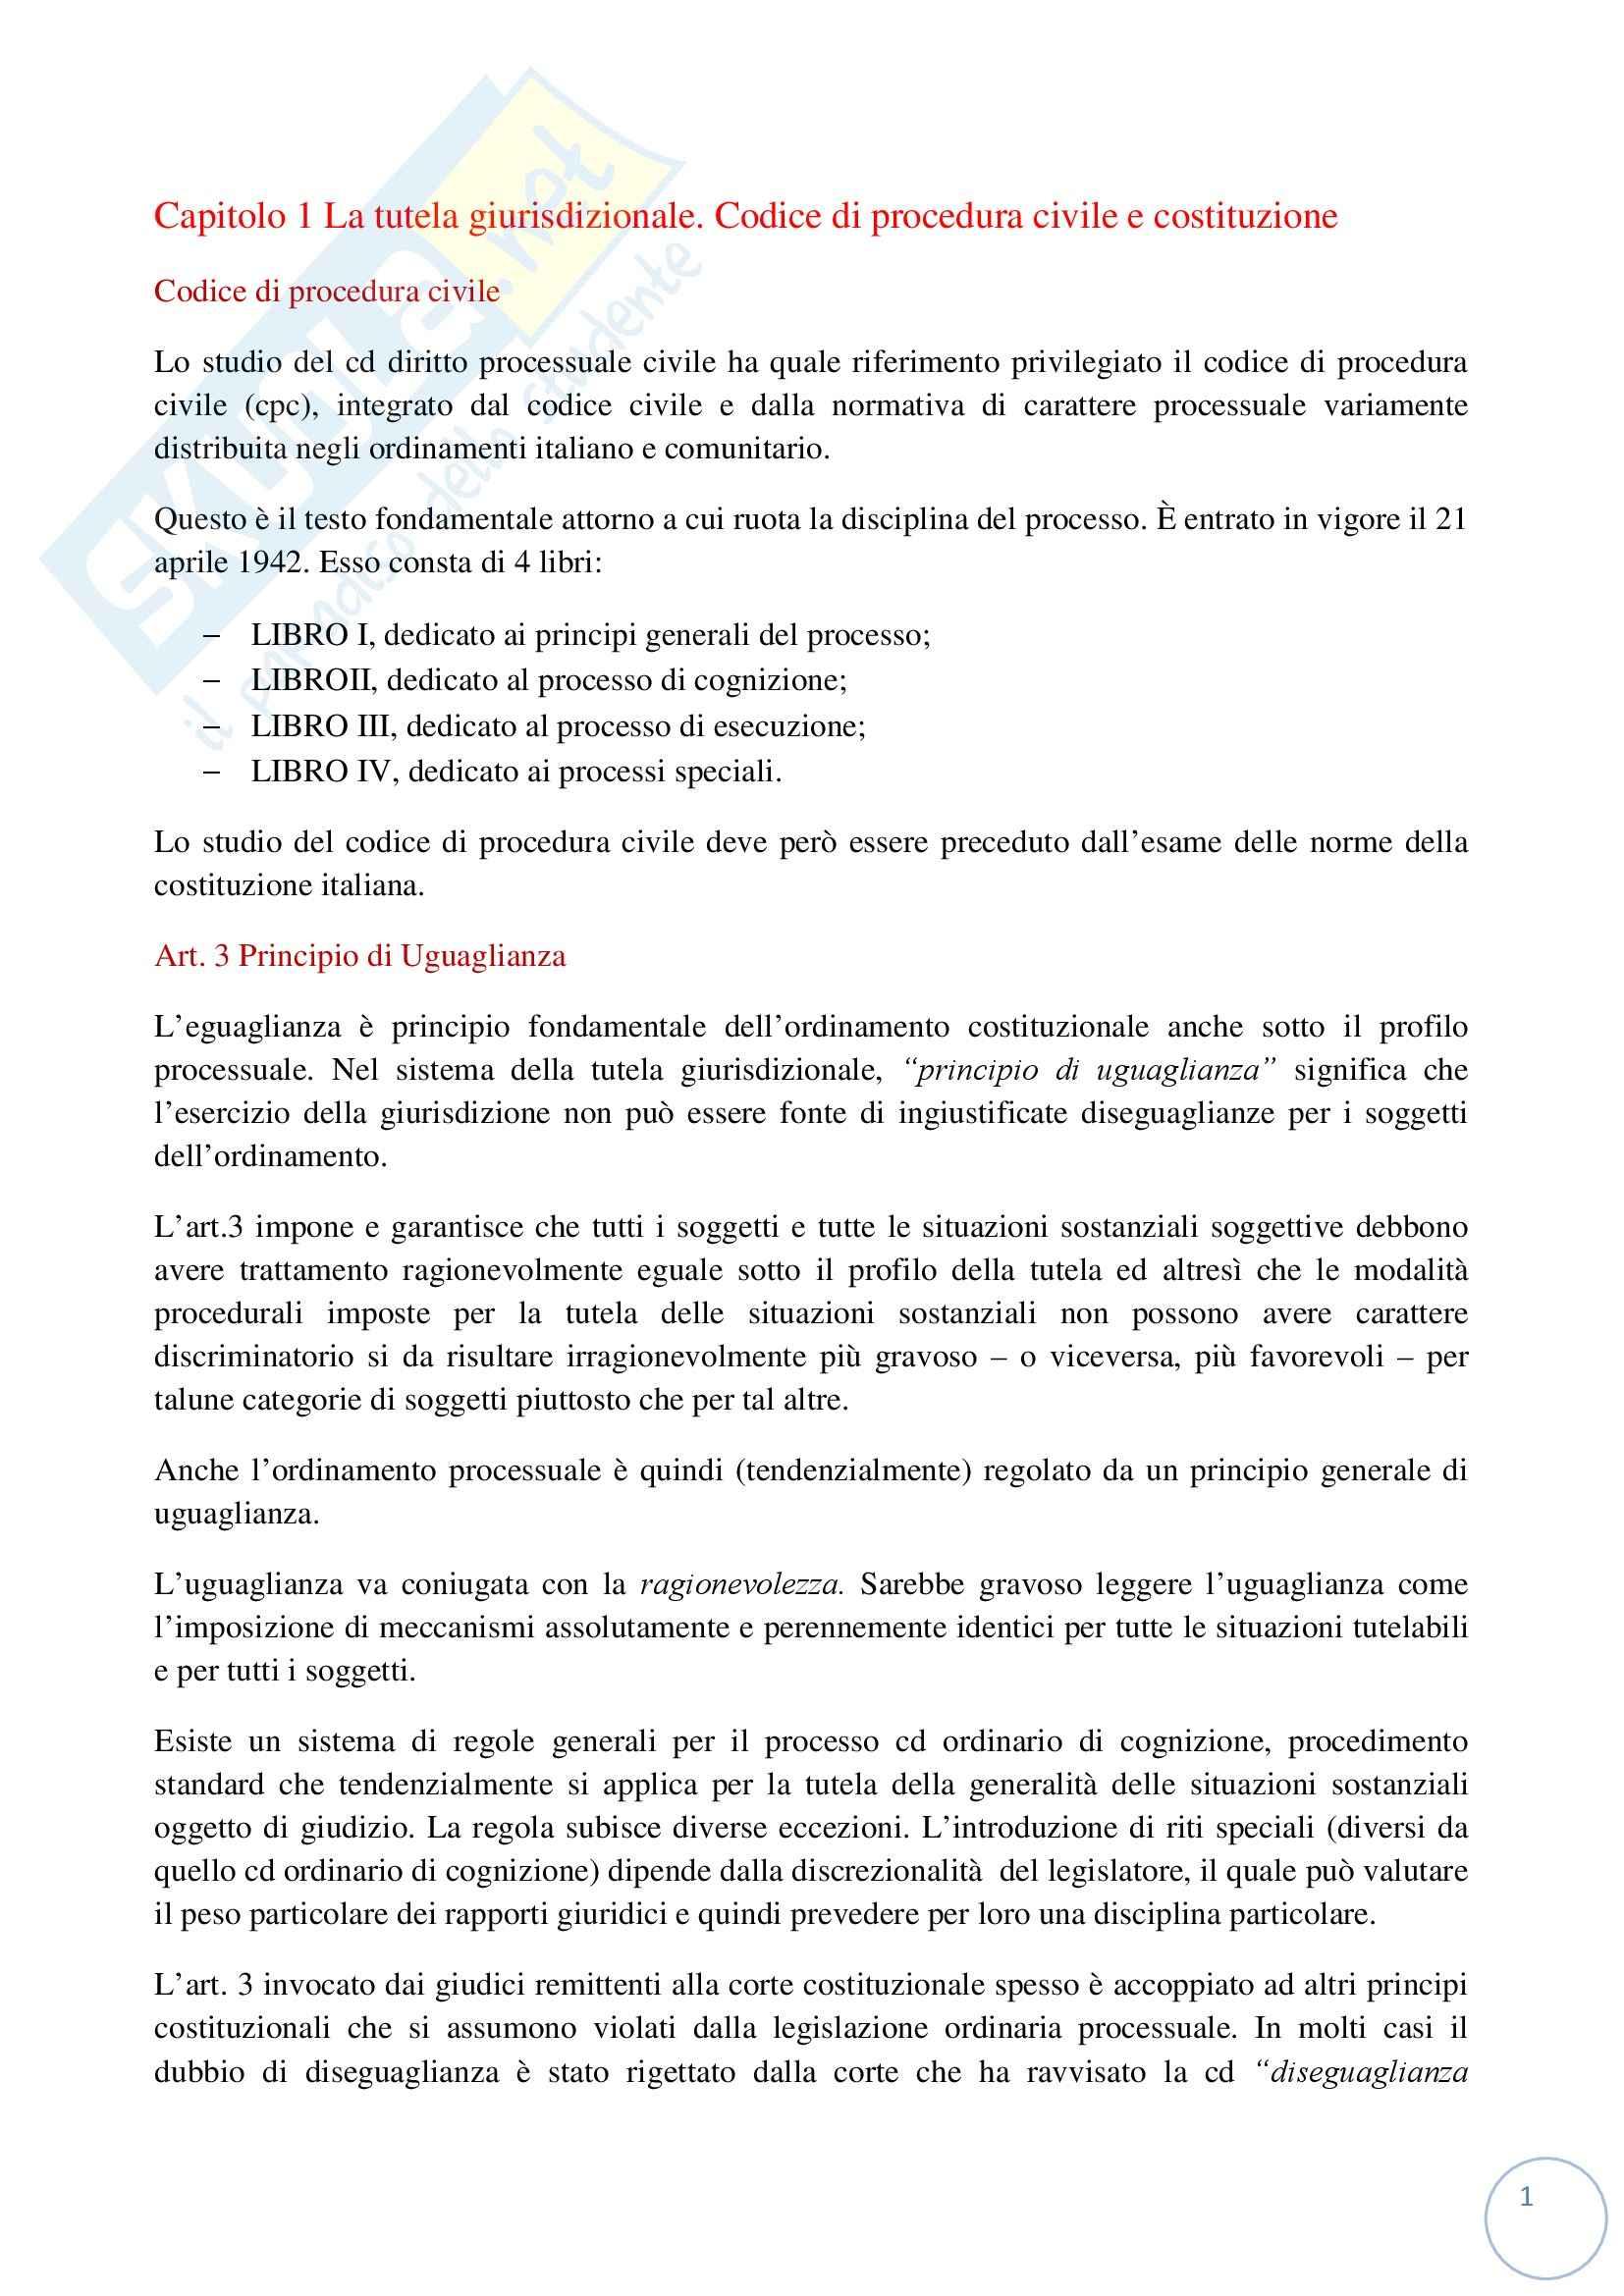 appunto R. Tiscini Diritto processuale civile